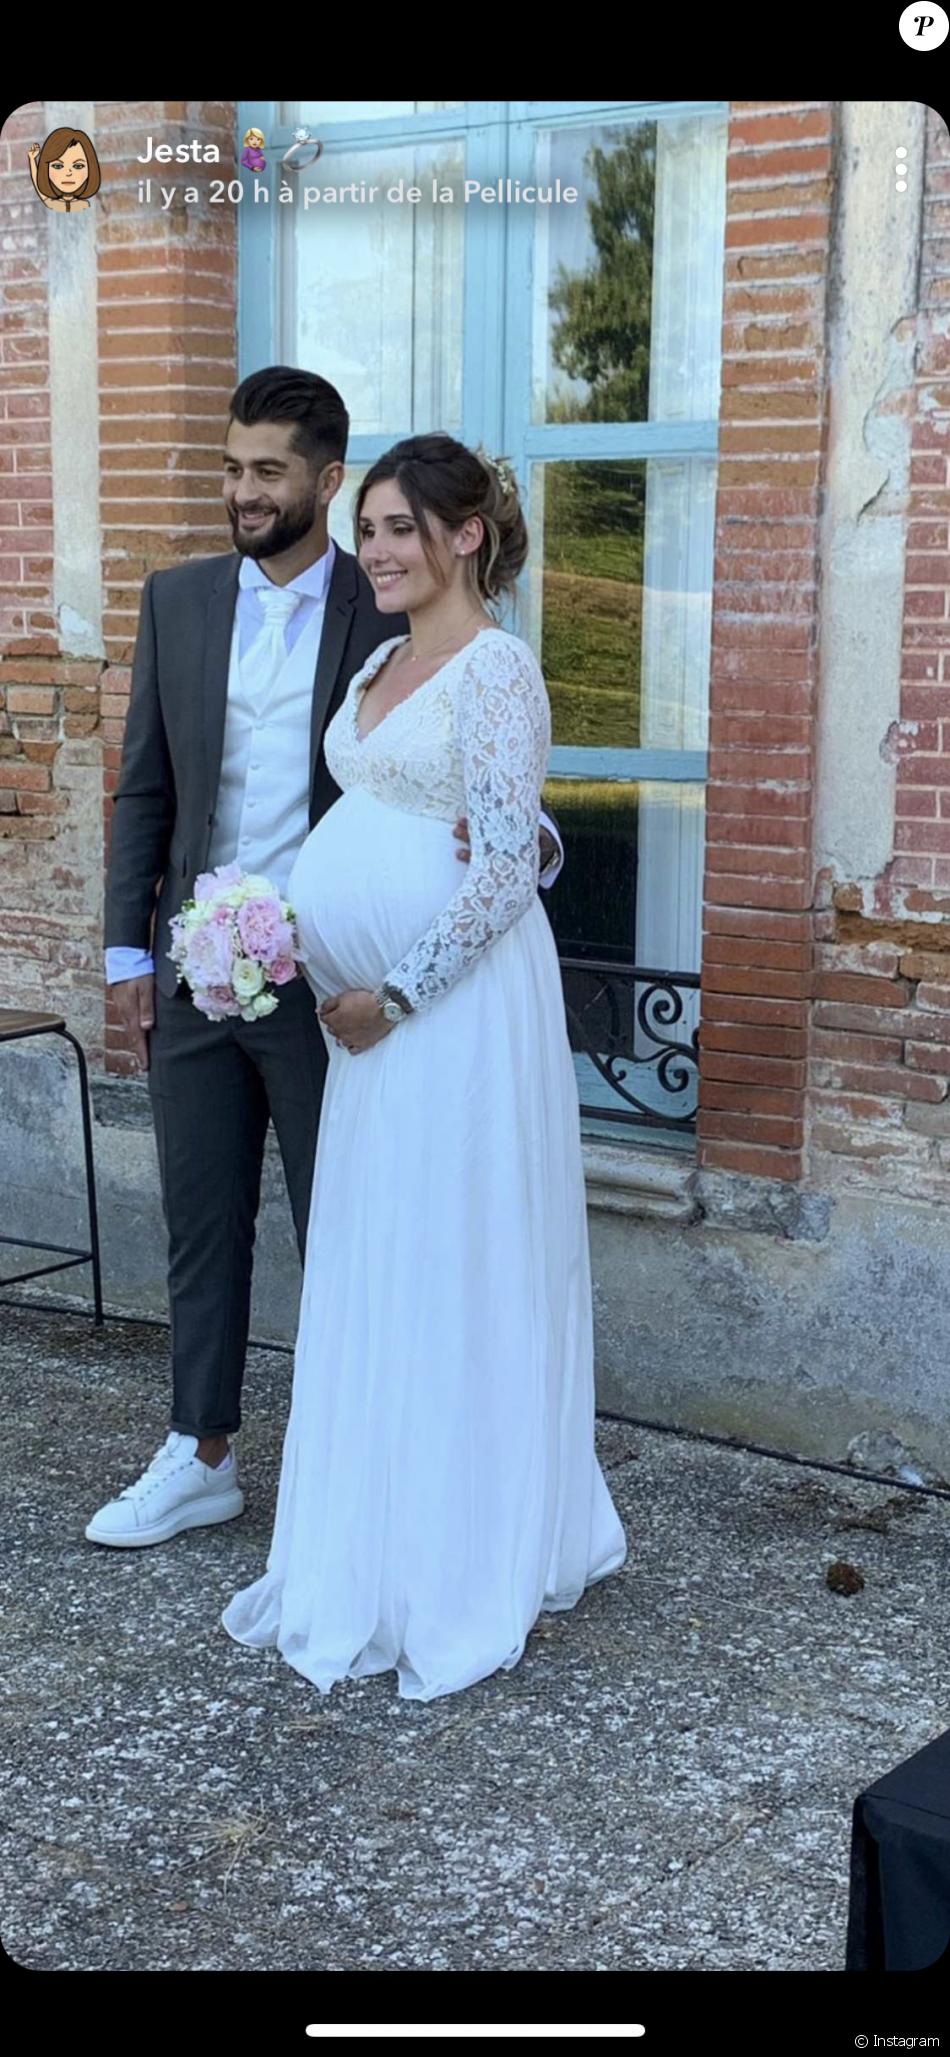 Jesta (Koh-Lanta) sublime en robe de mariée au côté de son époux Benoît samedi 1er juin 2019 lors de la célébration de leur mariage.